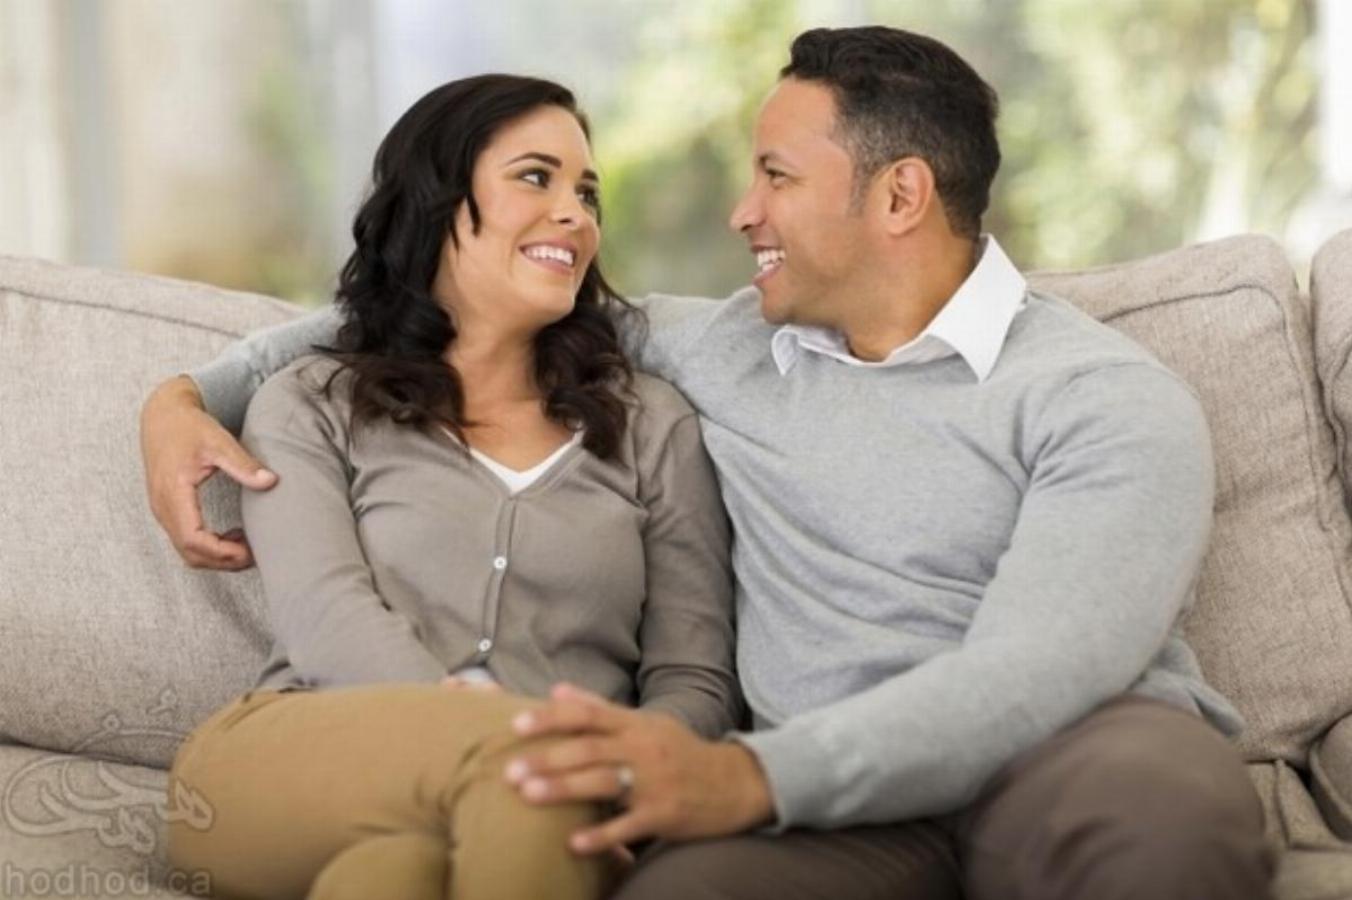 5 پیشنهاد برای داشتن یک رابطه عاشقانه مهیج در کانادا